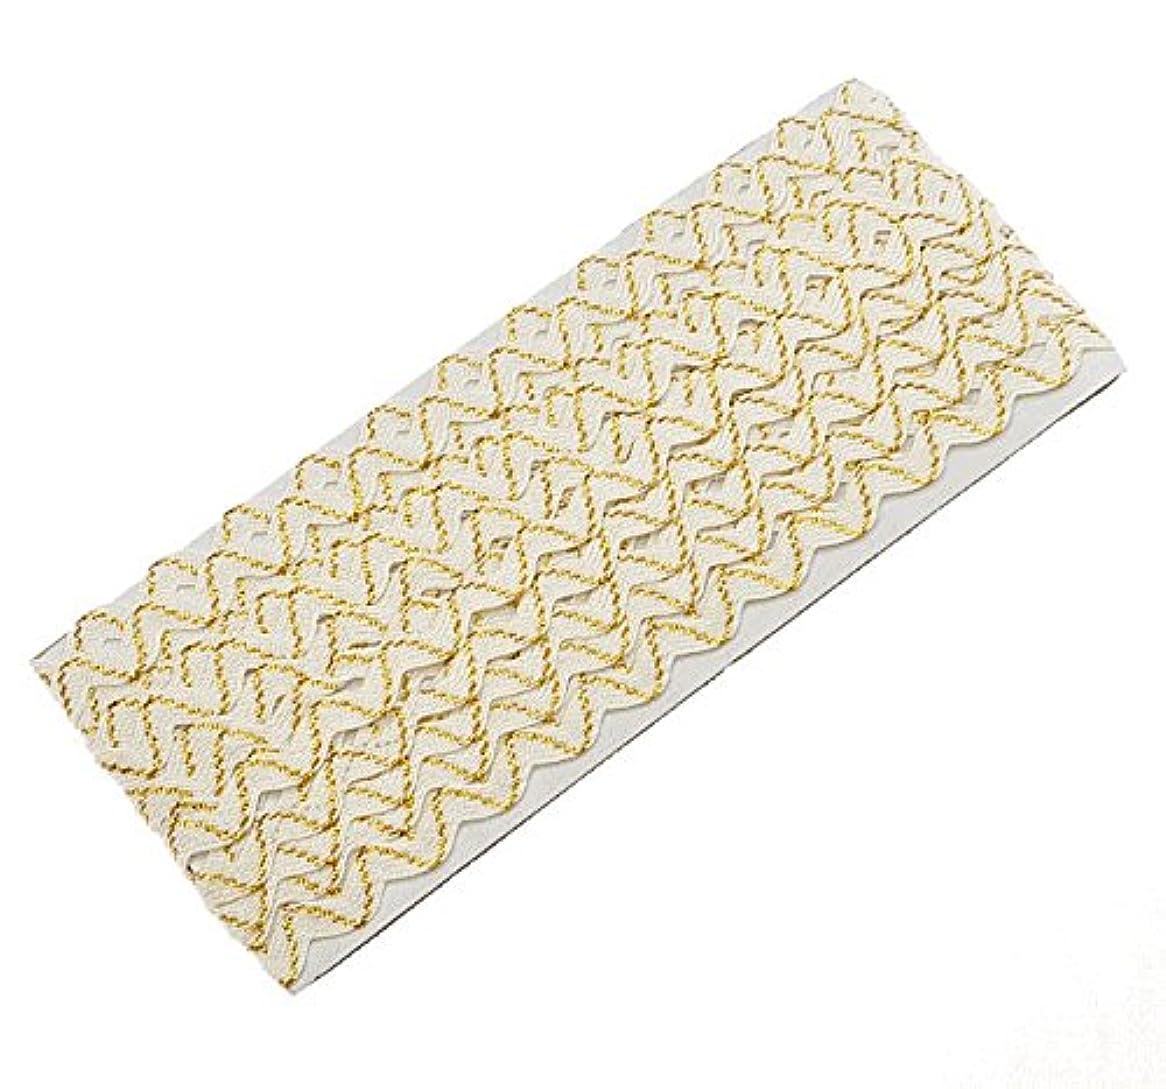 パウダーぬいぐるみ比較的ラメ入り山道テープ 約5mm 5ヤード(約4.5m)リボン (ゴールド)